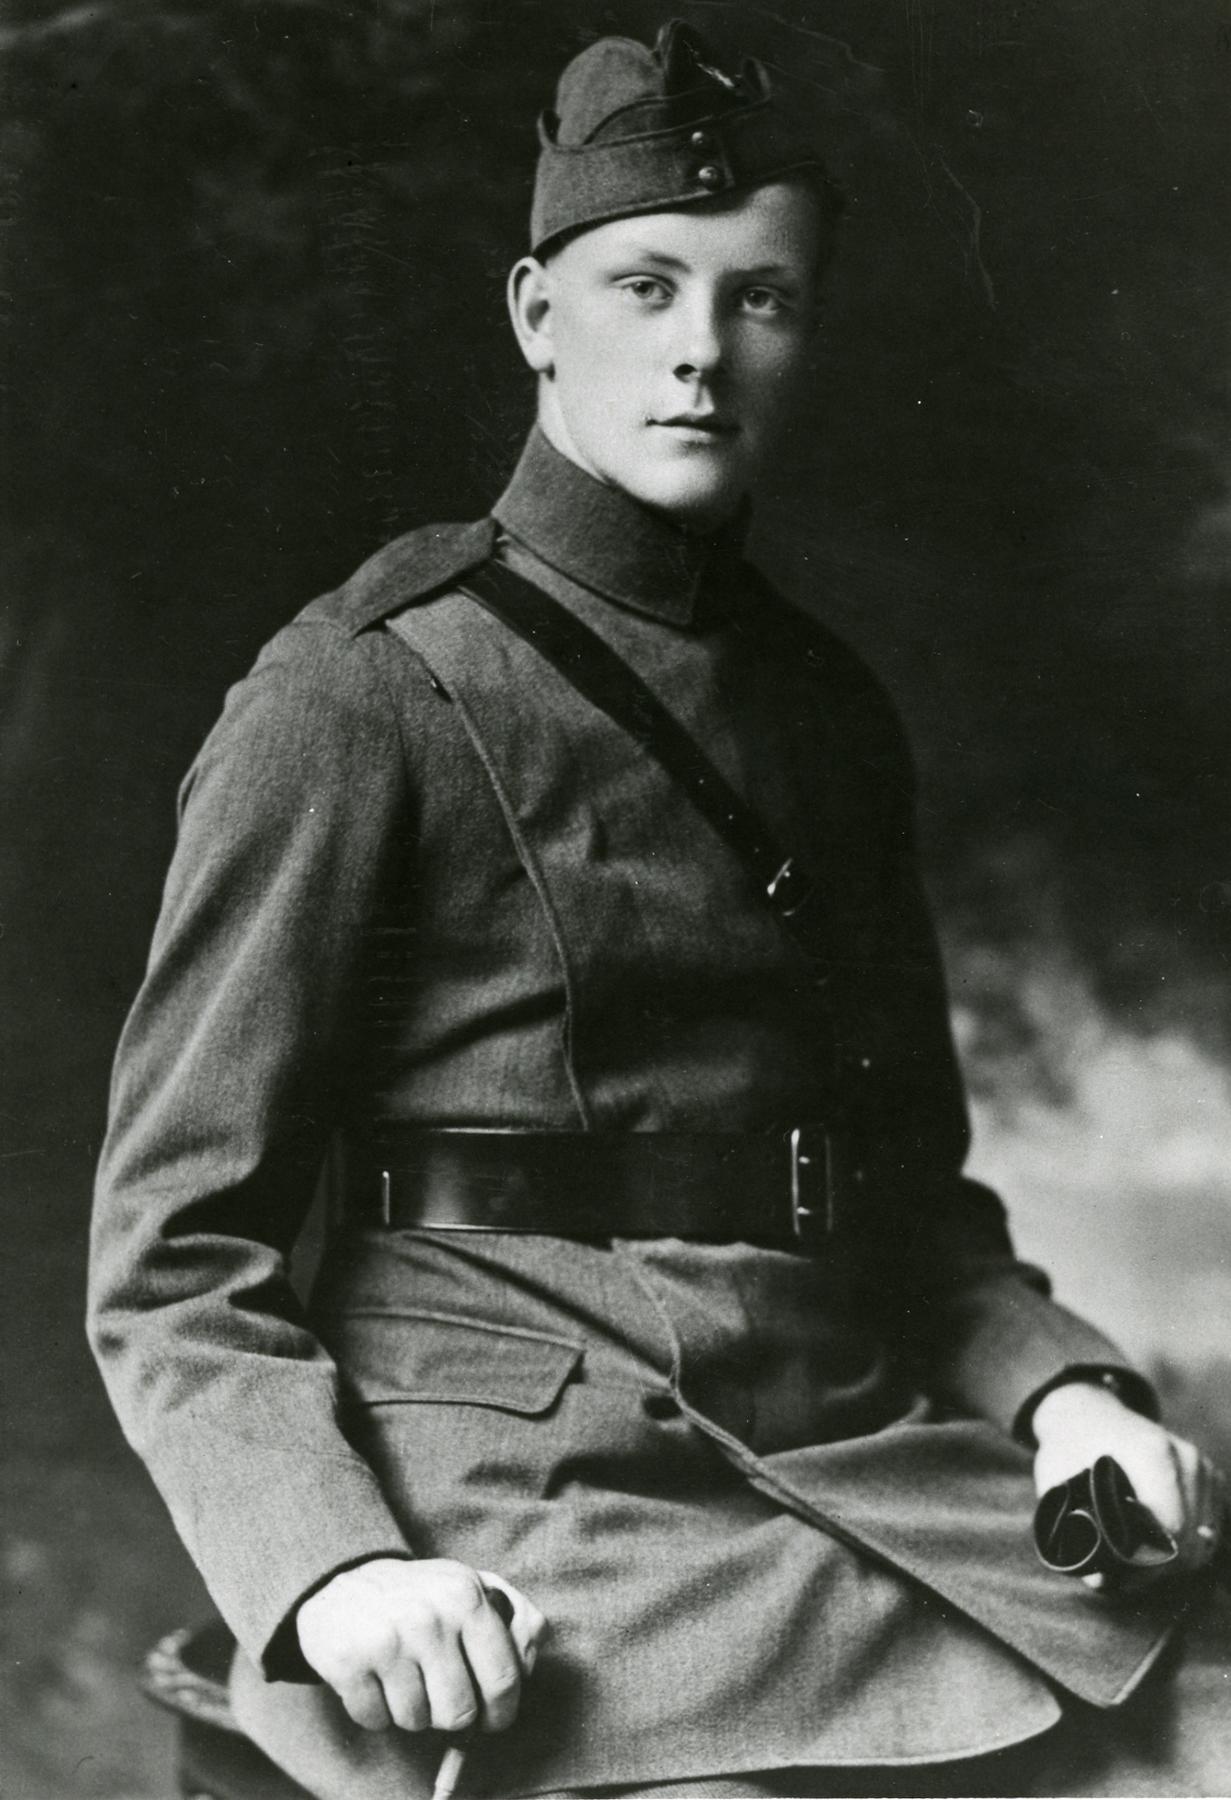 Alan McLeod, VC